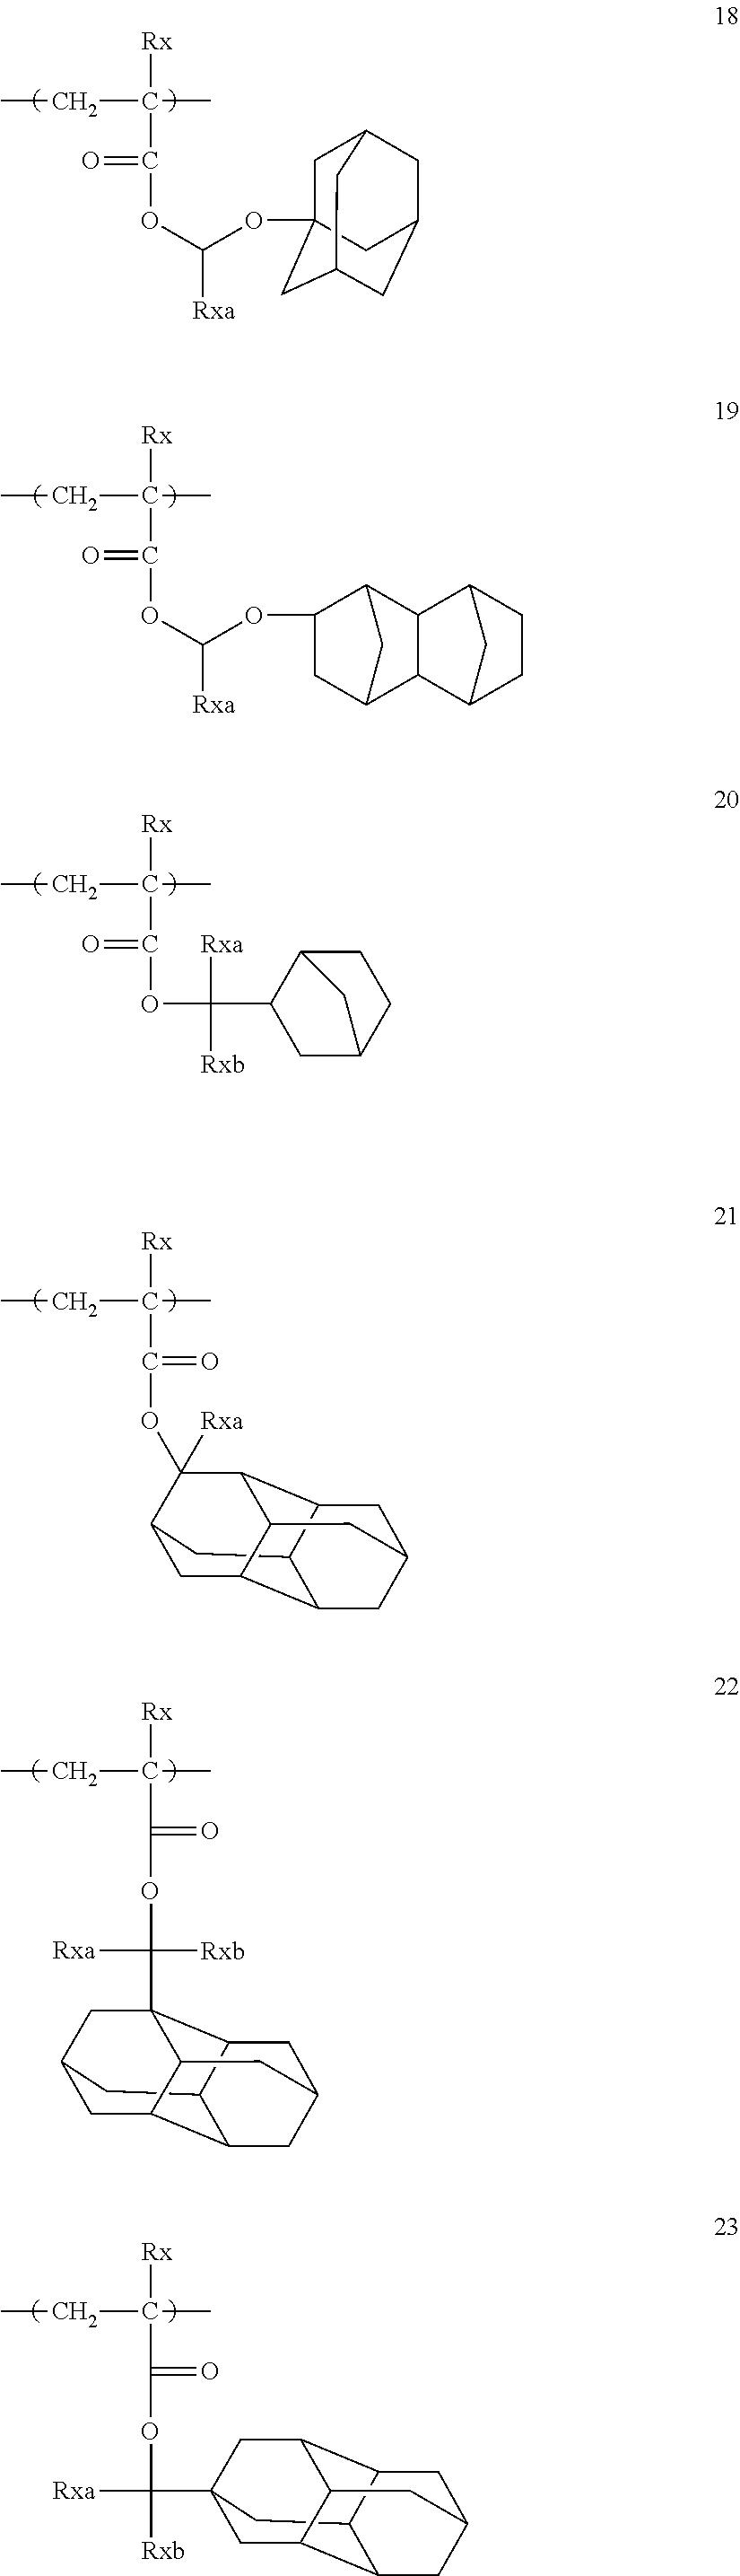 Figure US20110183258A1-20110728-C00033